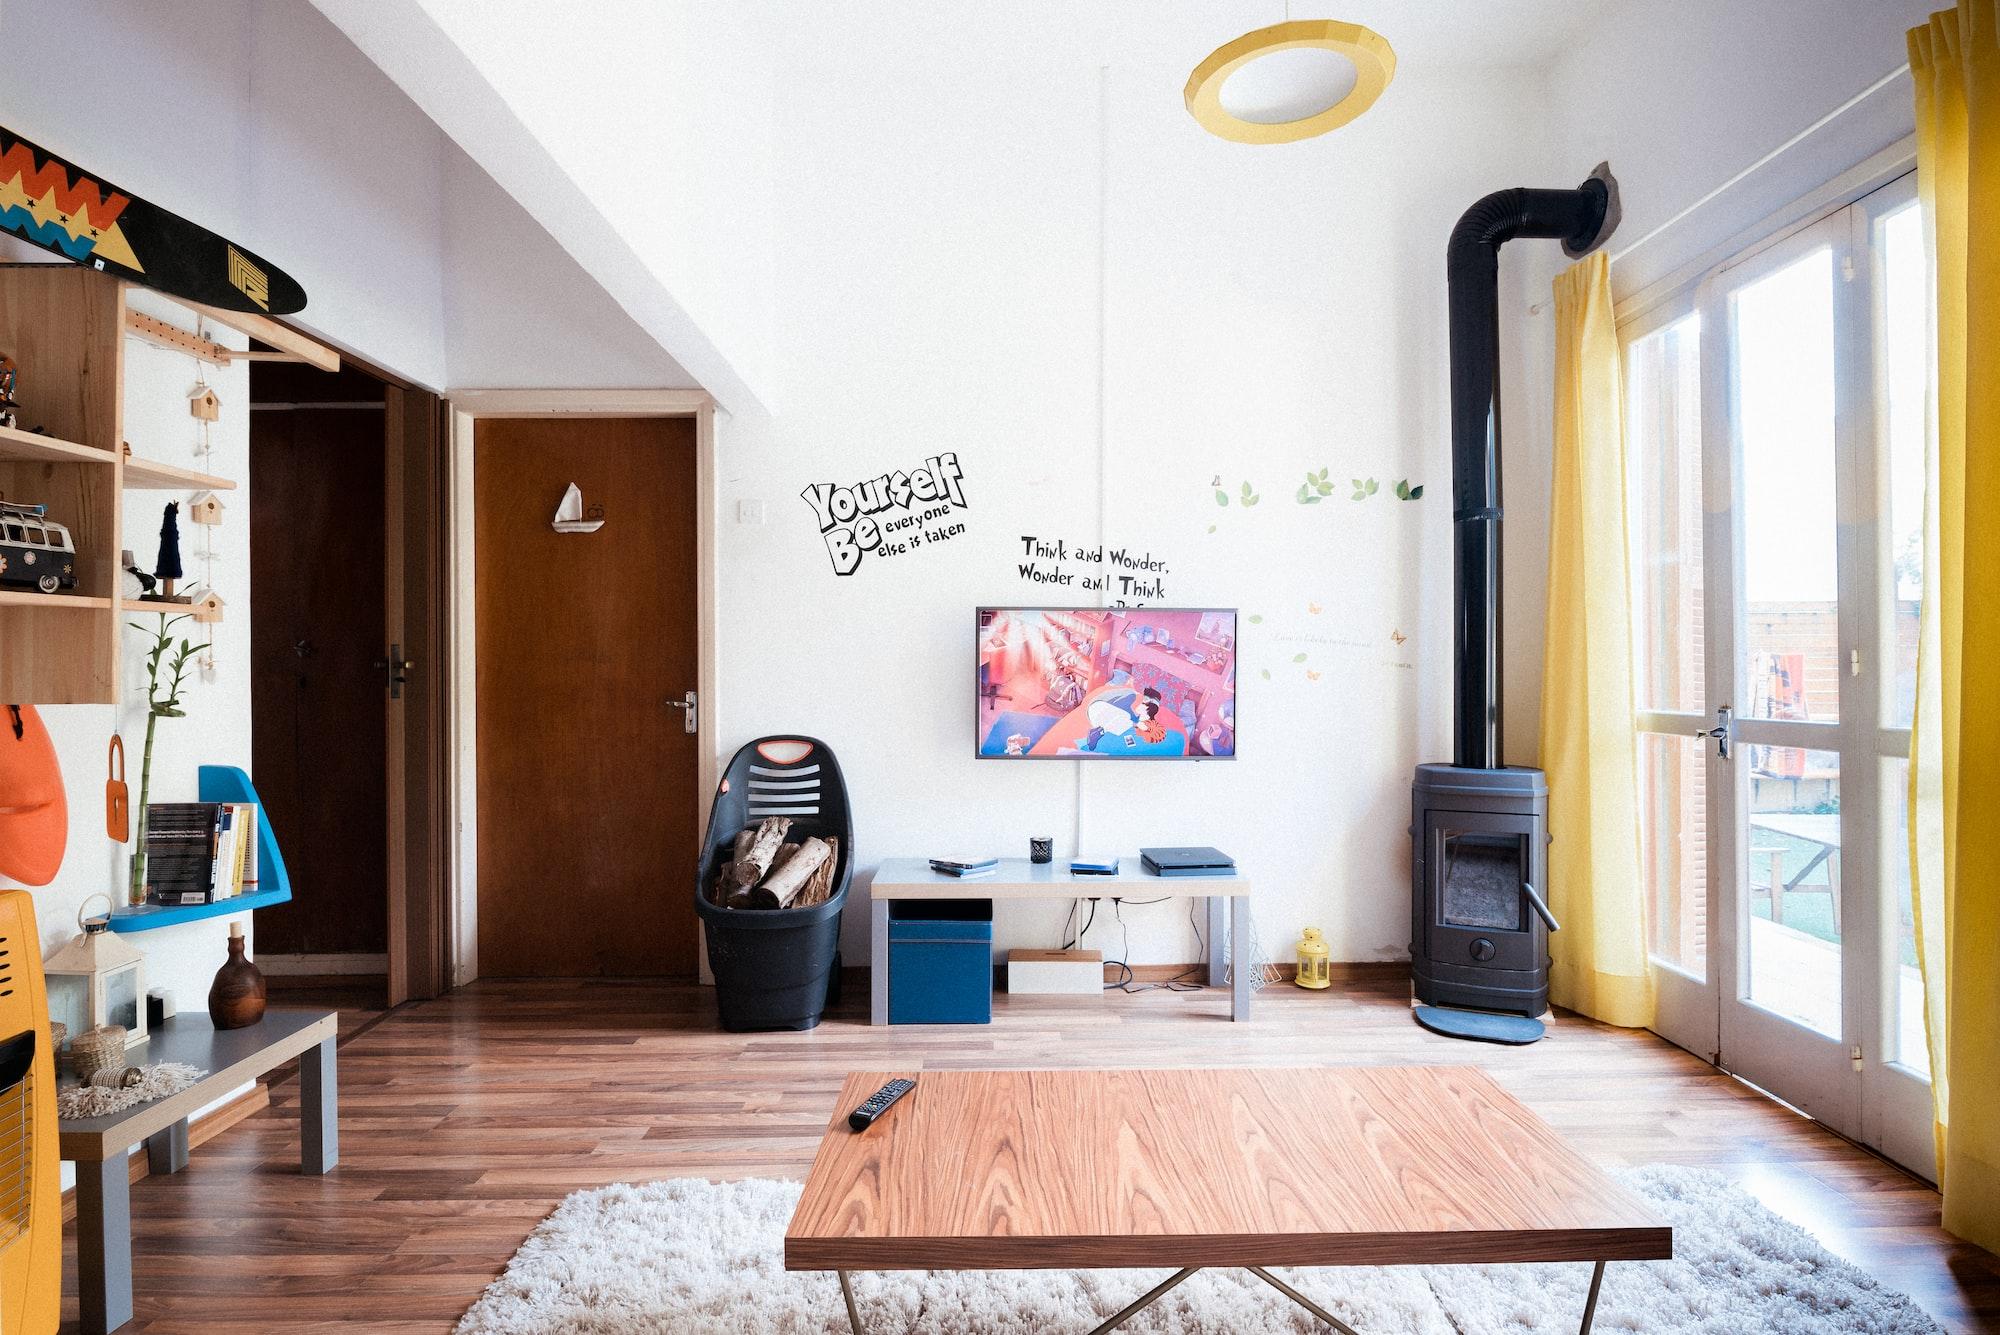 疫情期间,温哥华Airbnb业主大赚250万